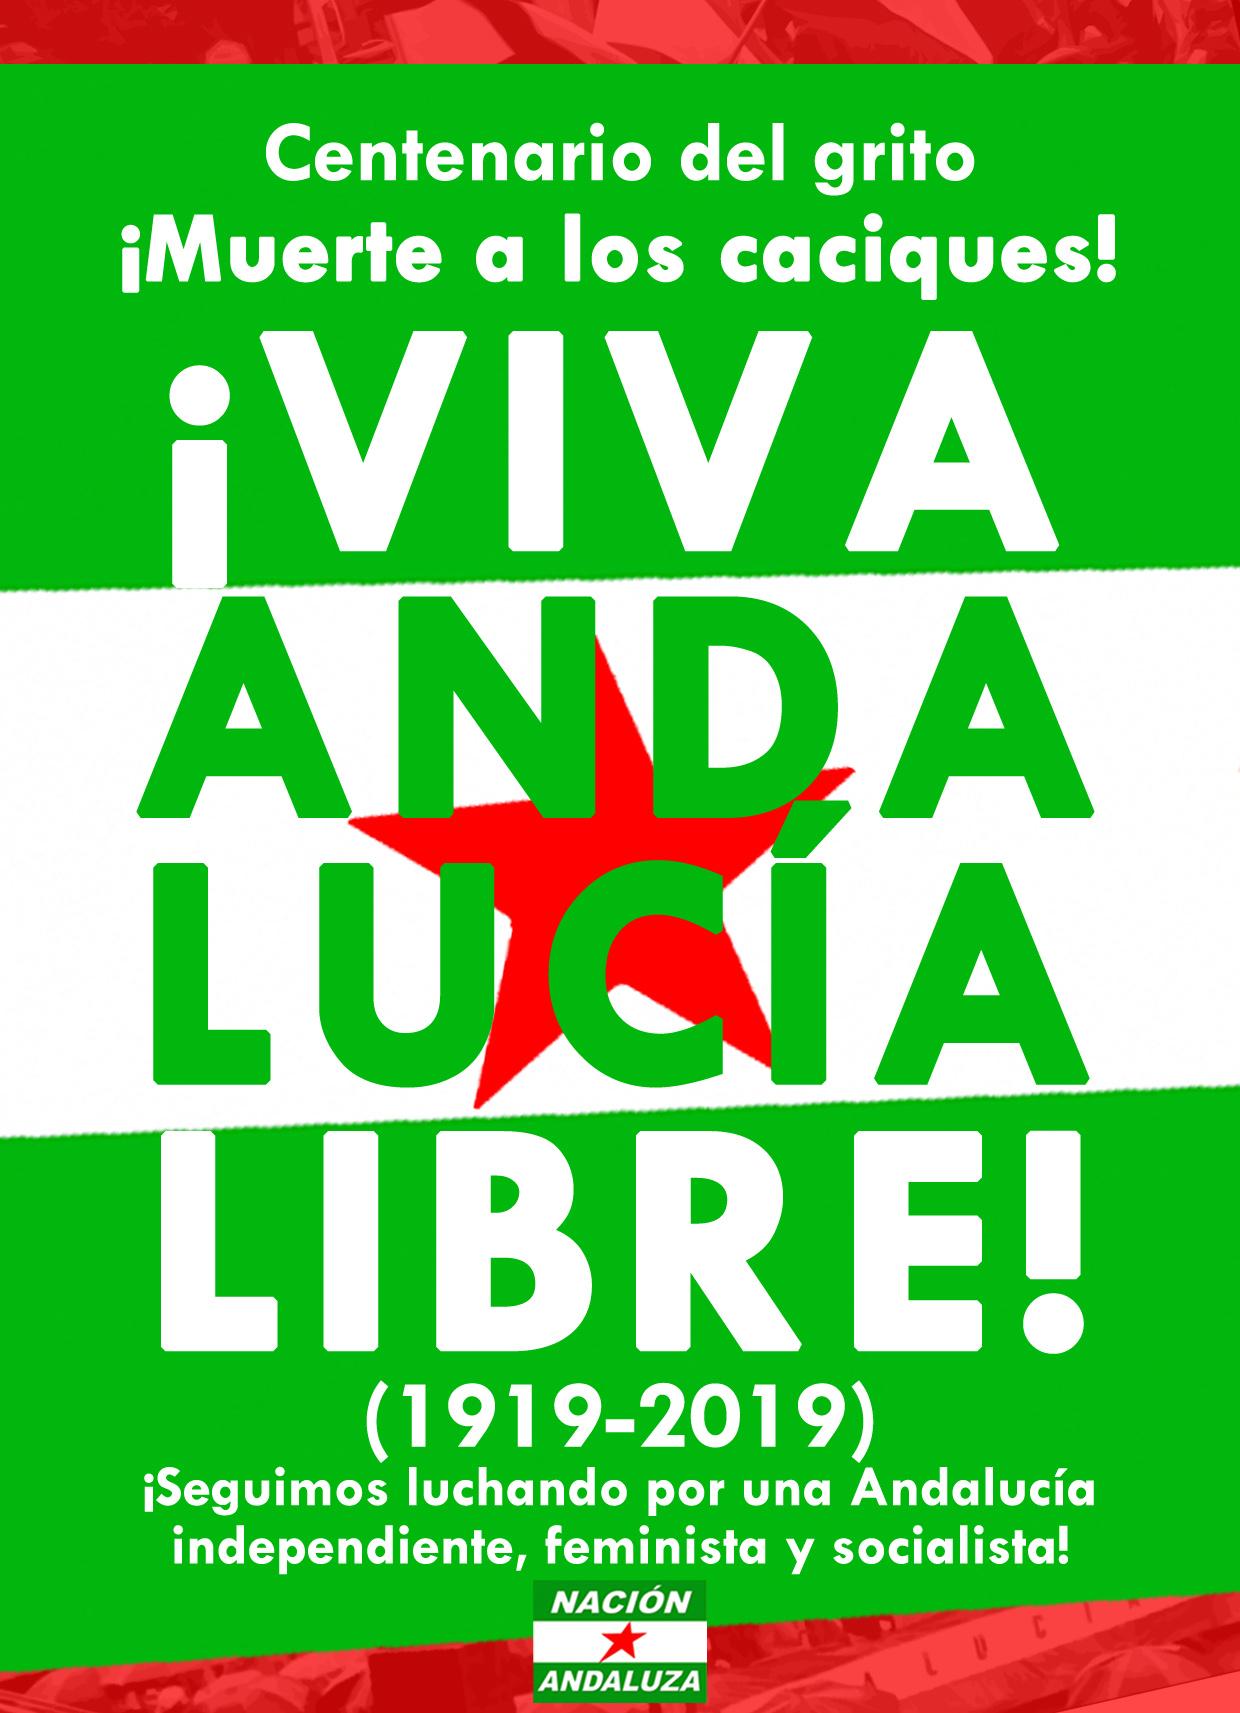 Nación Andaluza ante el centenario del grito: ¡Viva Andalucía libre!